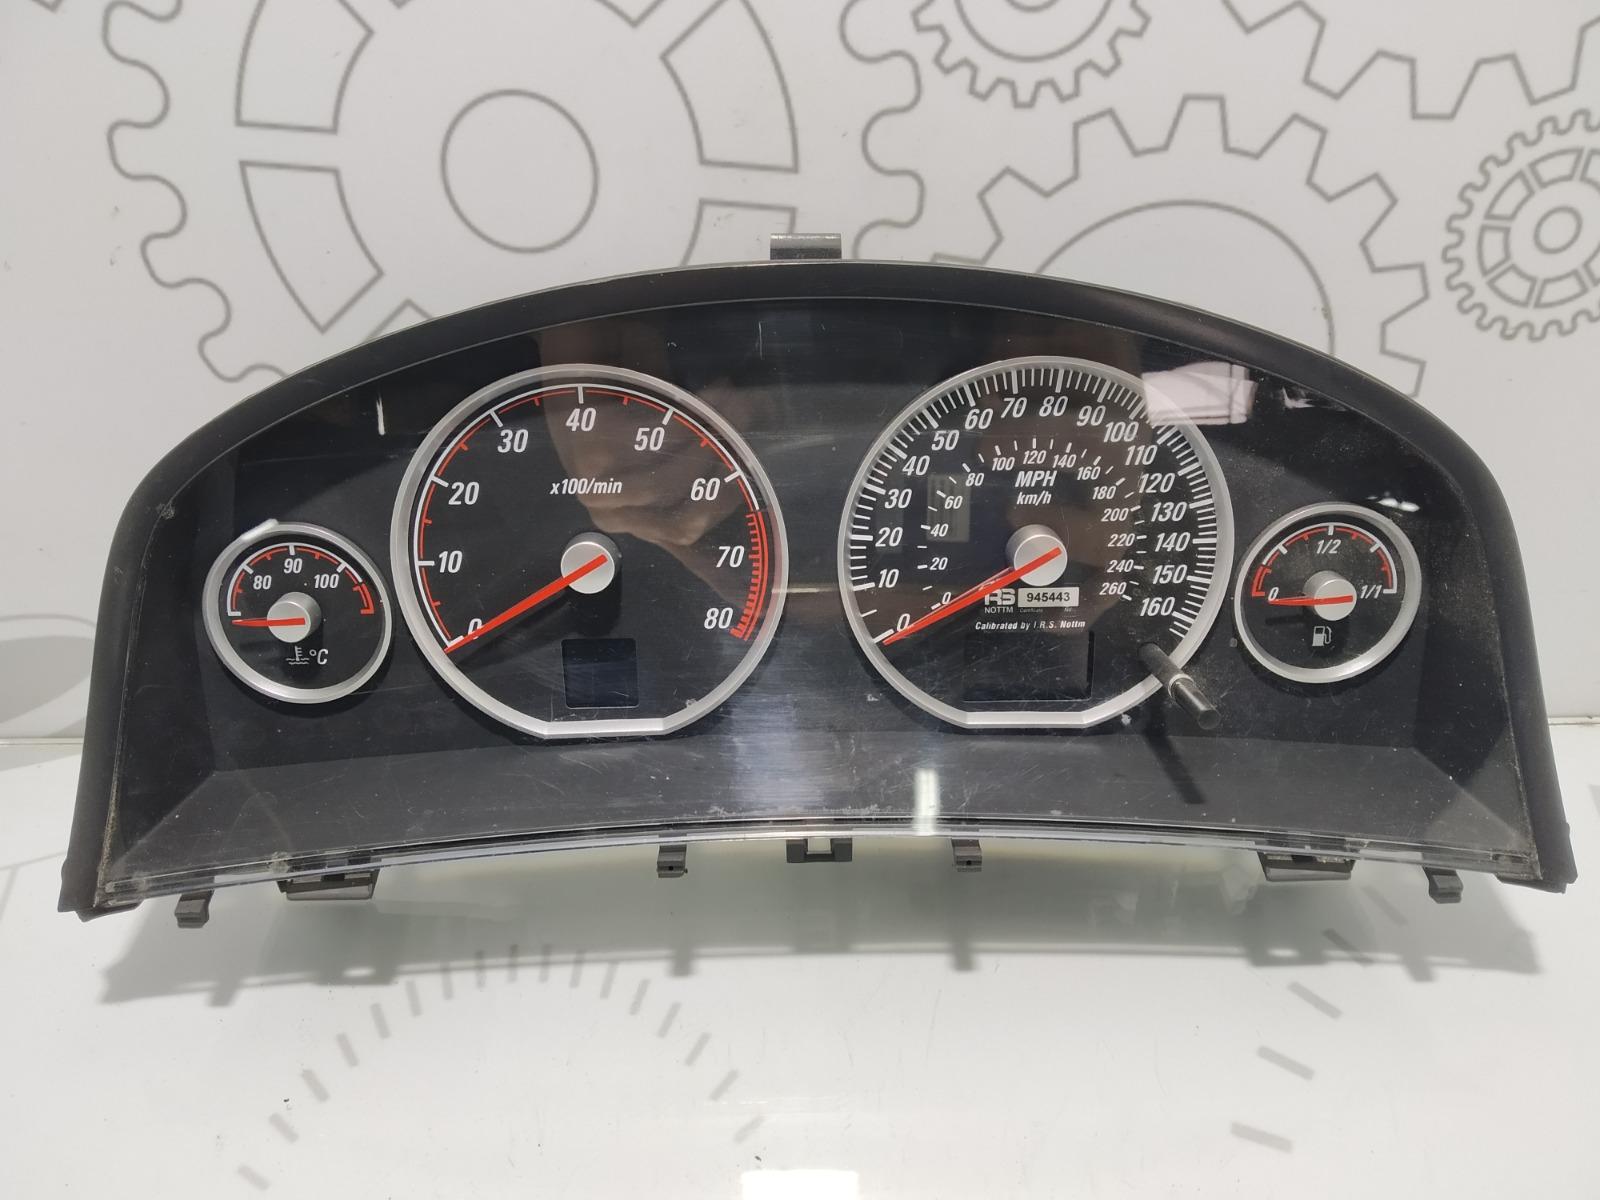 Щиток приборов (приборная панель) Opel Vectra C 3.2 I 2005 (б/у)